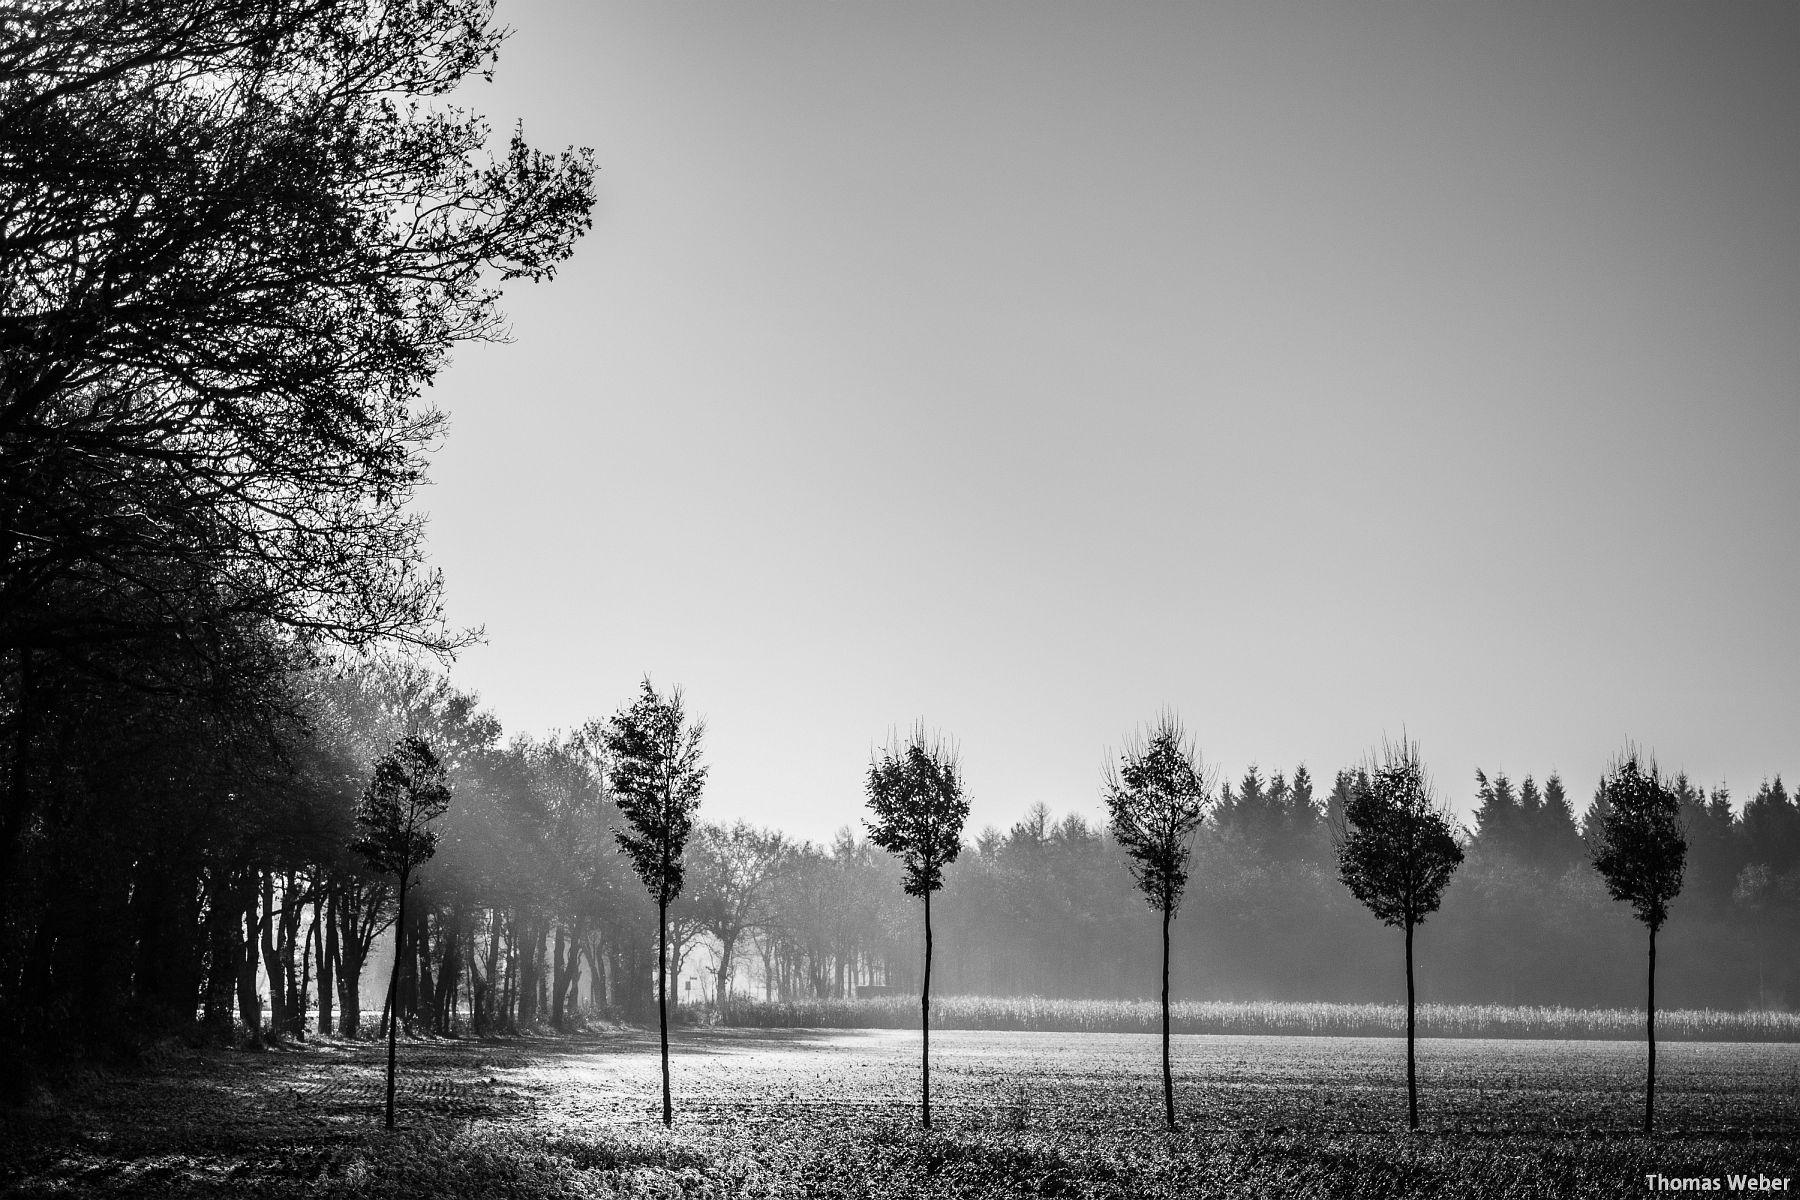 Fotograf Thomas Weber aus Oldenburg: Herbstlandschaft in Wardenburg